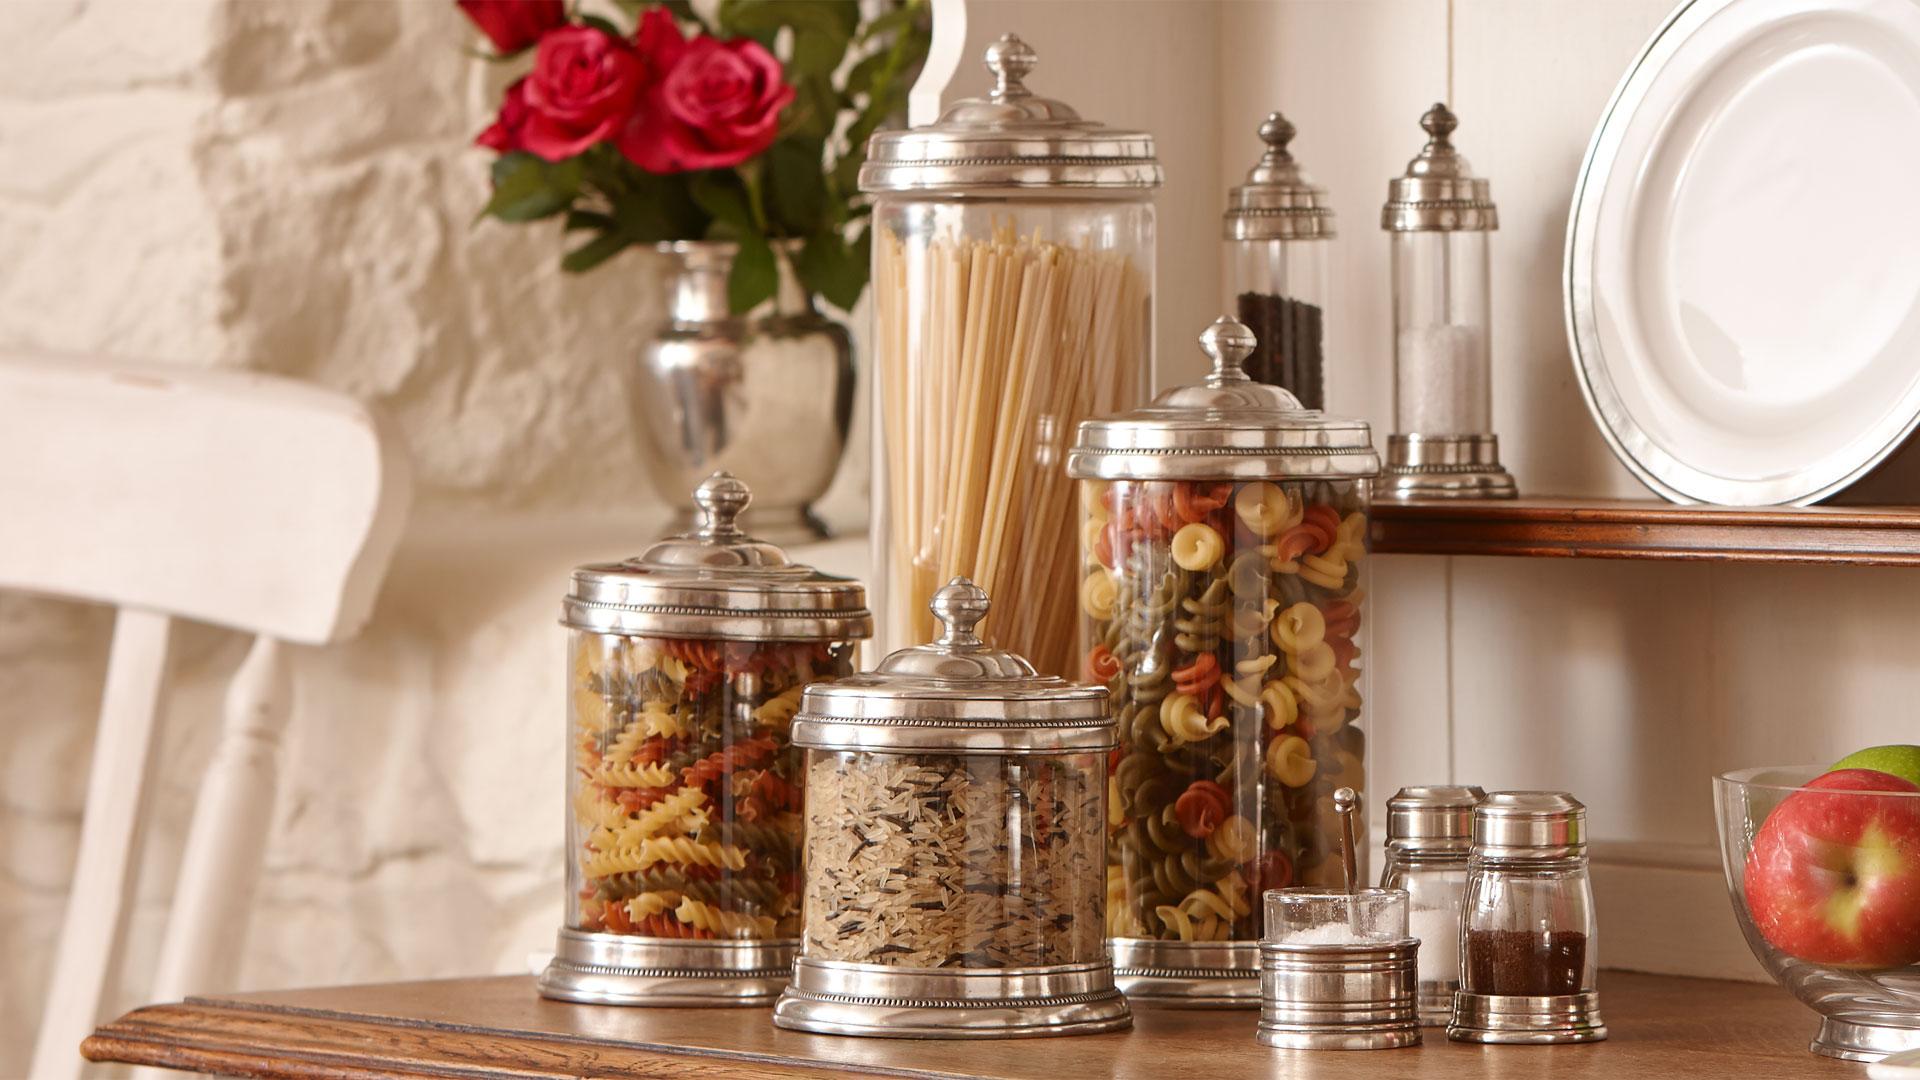 Barattolo cucina grigio metallo peltro e vetro cm 12xh15 5 lt 0 75 by cosi tabellini - Ikea barattoli cucina ...